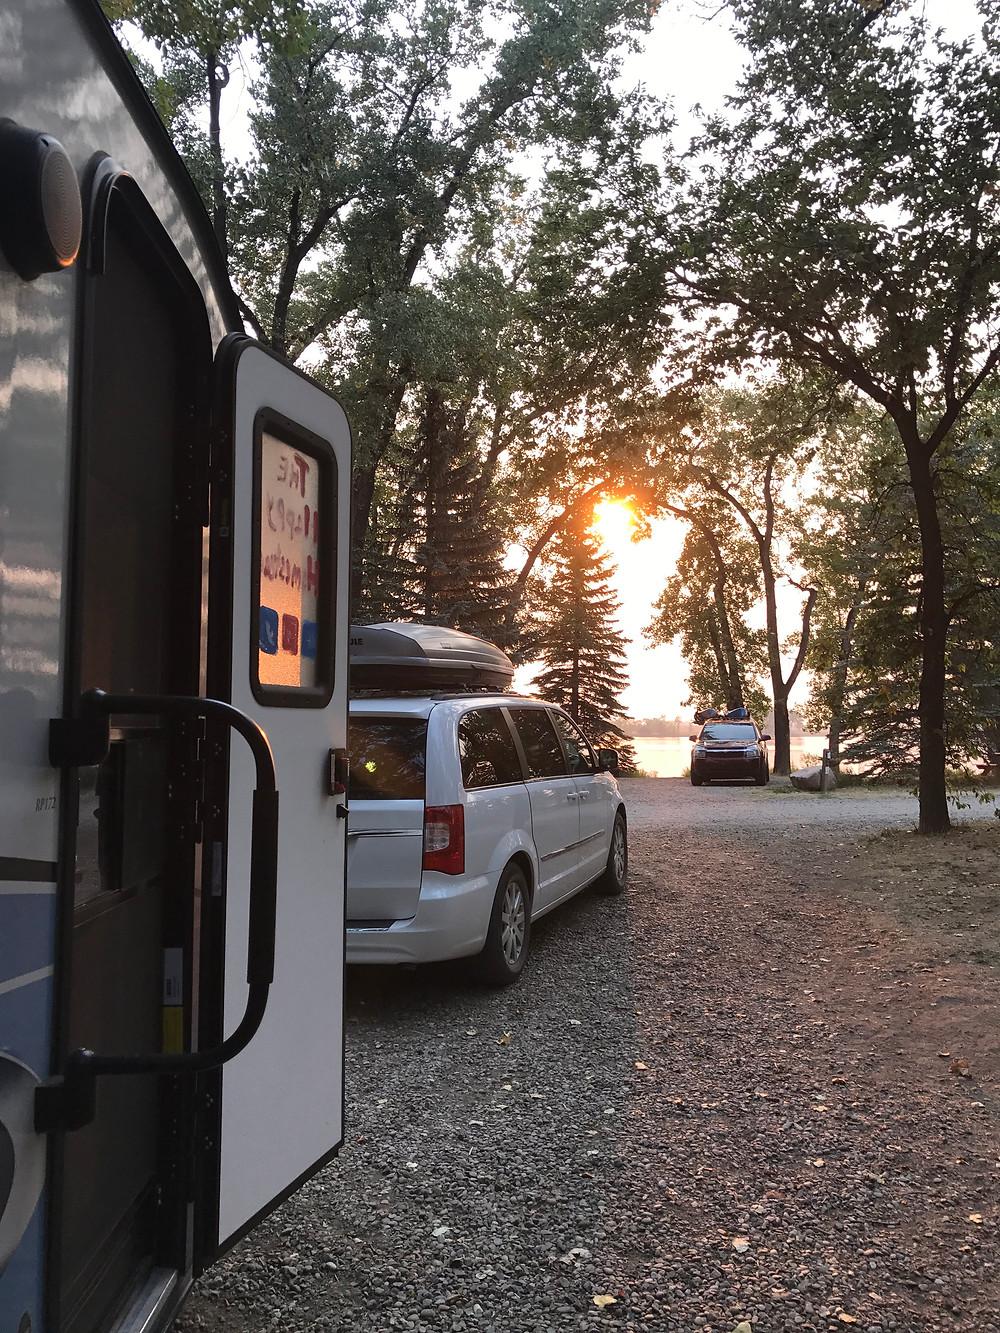 Our campsite at Park Lake Provincial Park